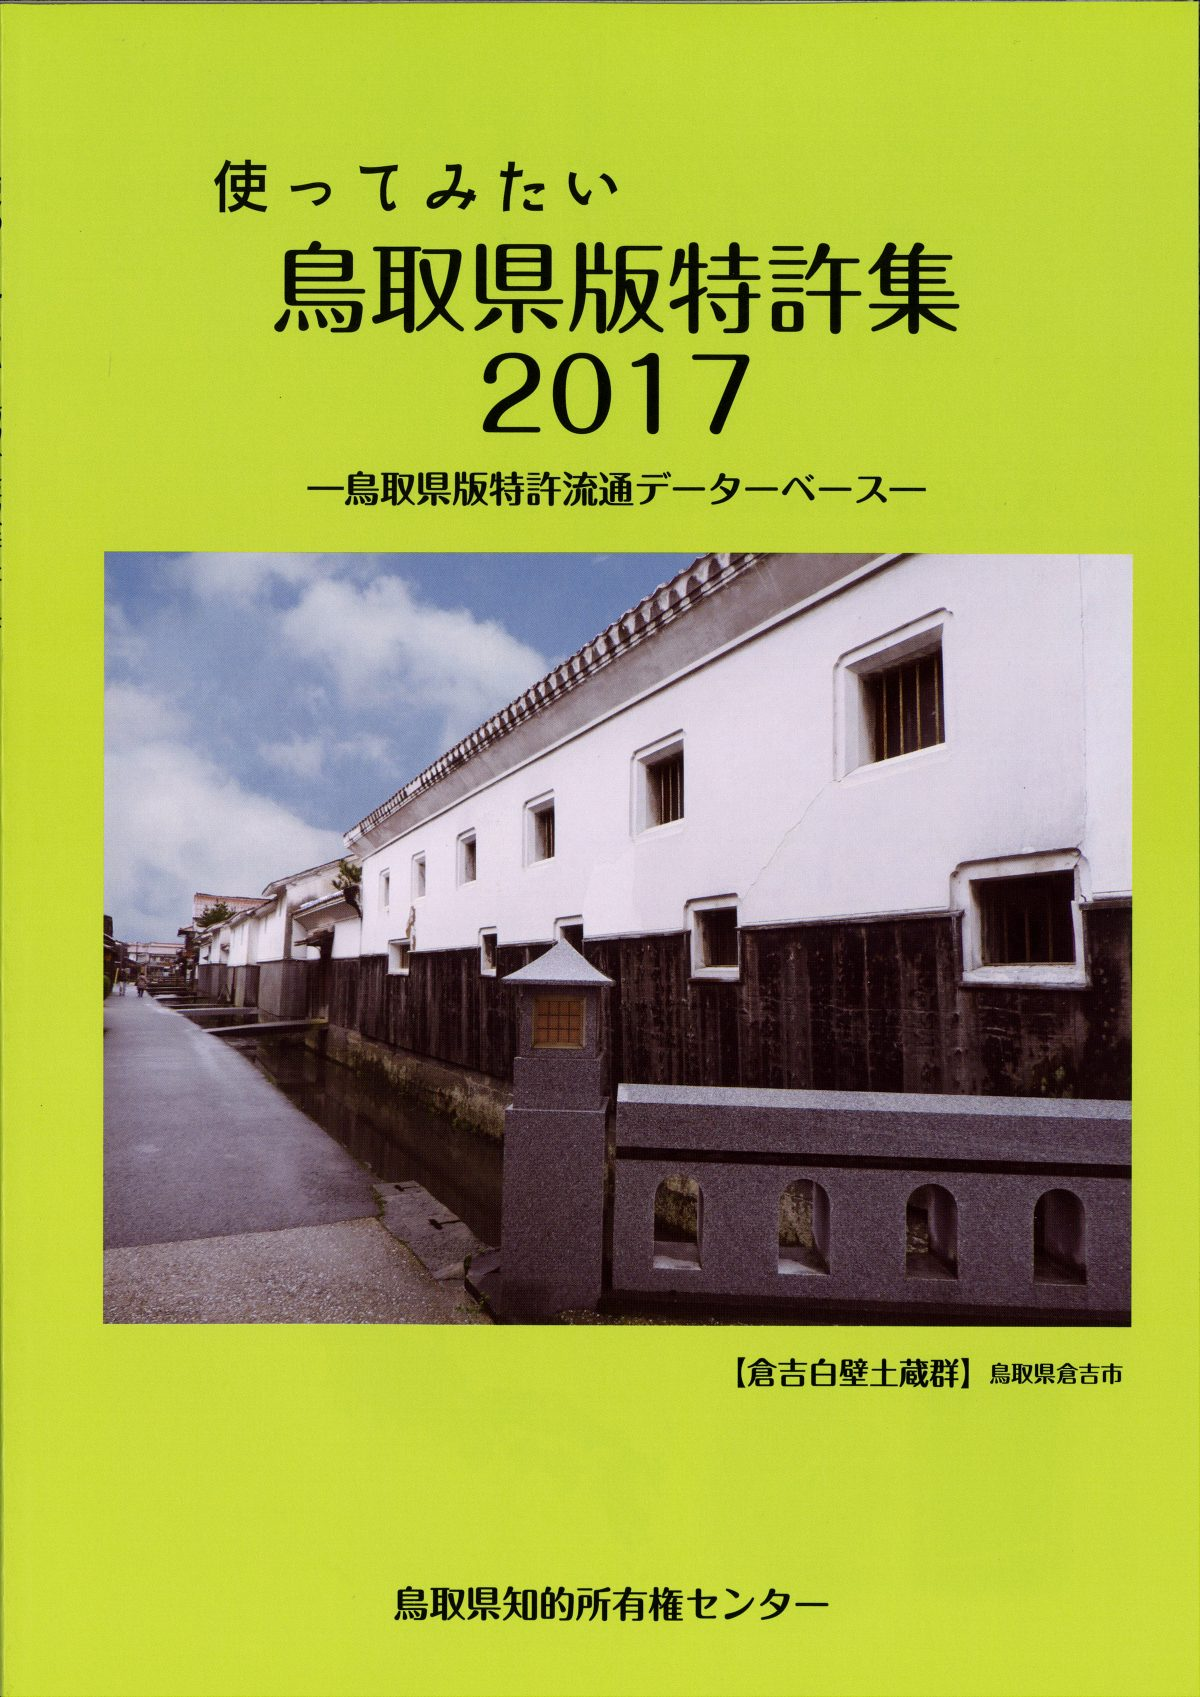 使ってみたい鳥取県版特許集2017完成いたしました。